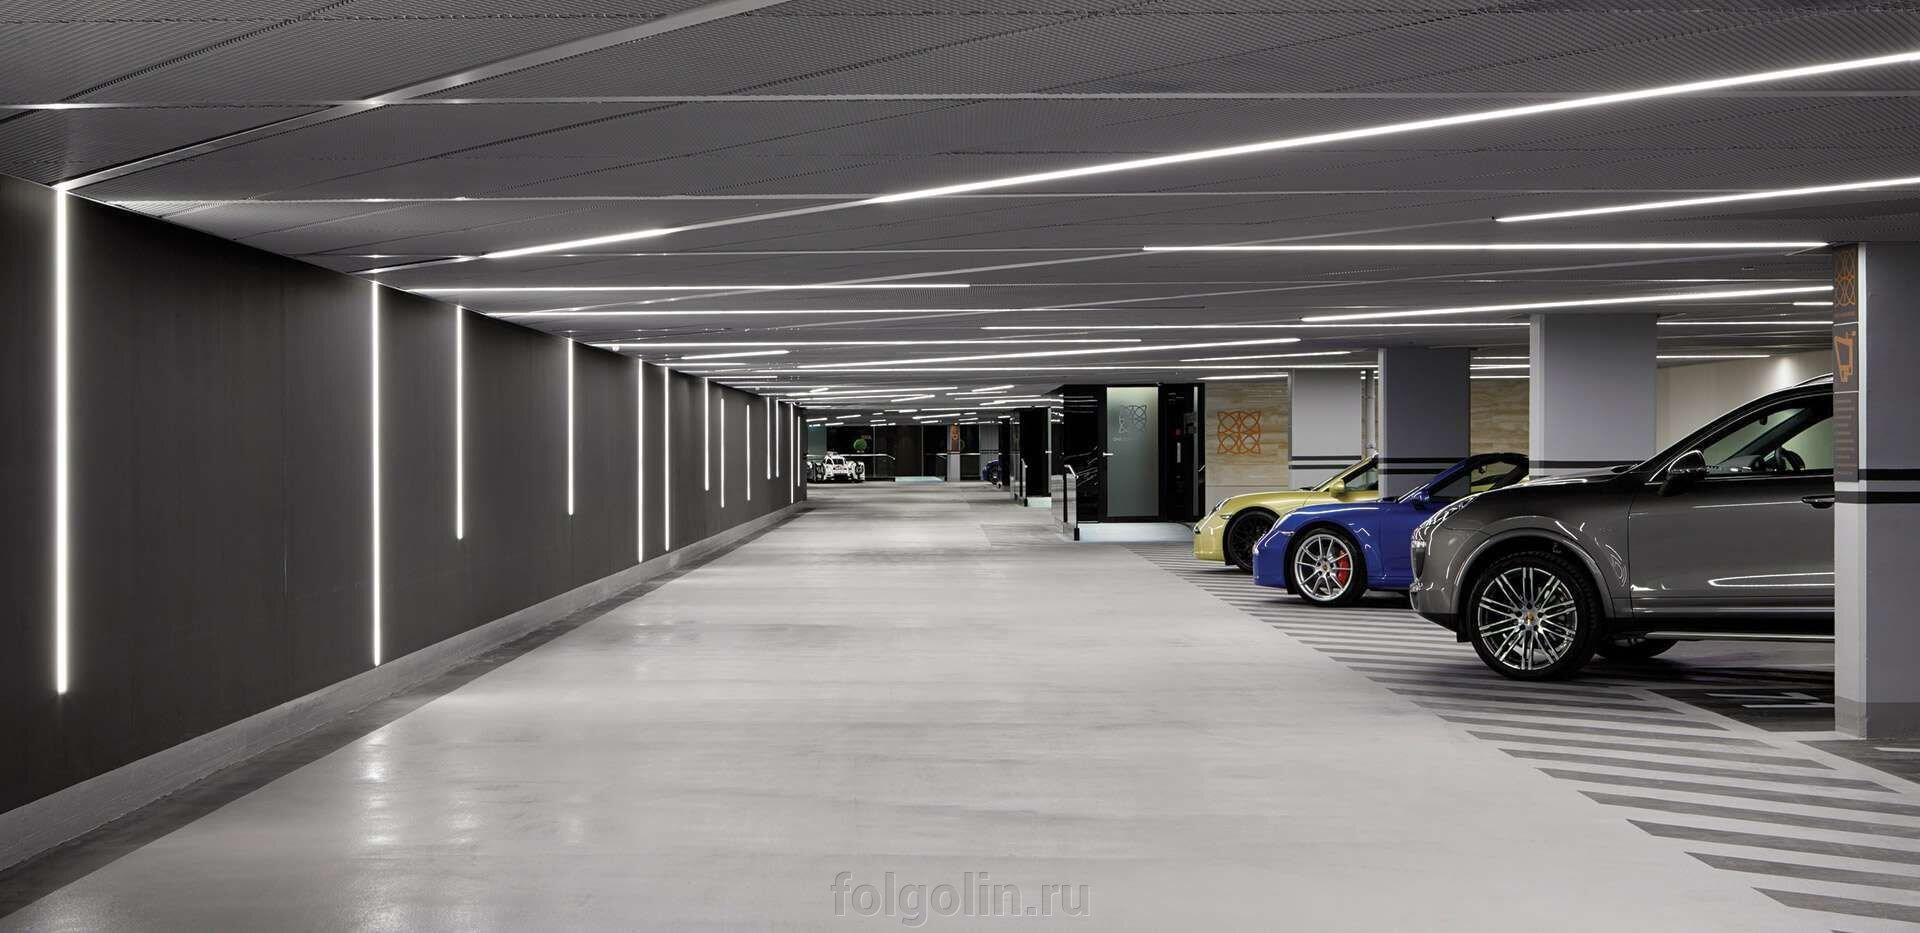 Рекомендации по устройству гидроизоляции паркингов - фото pic_0d5b1c0ed162bb3d739847991cc6f758_1920x9000_1.jpg